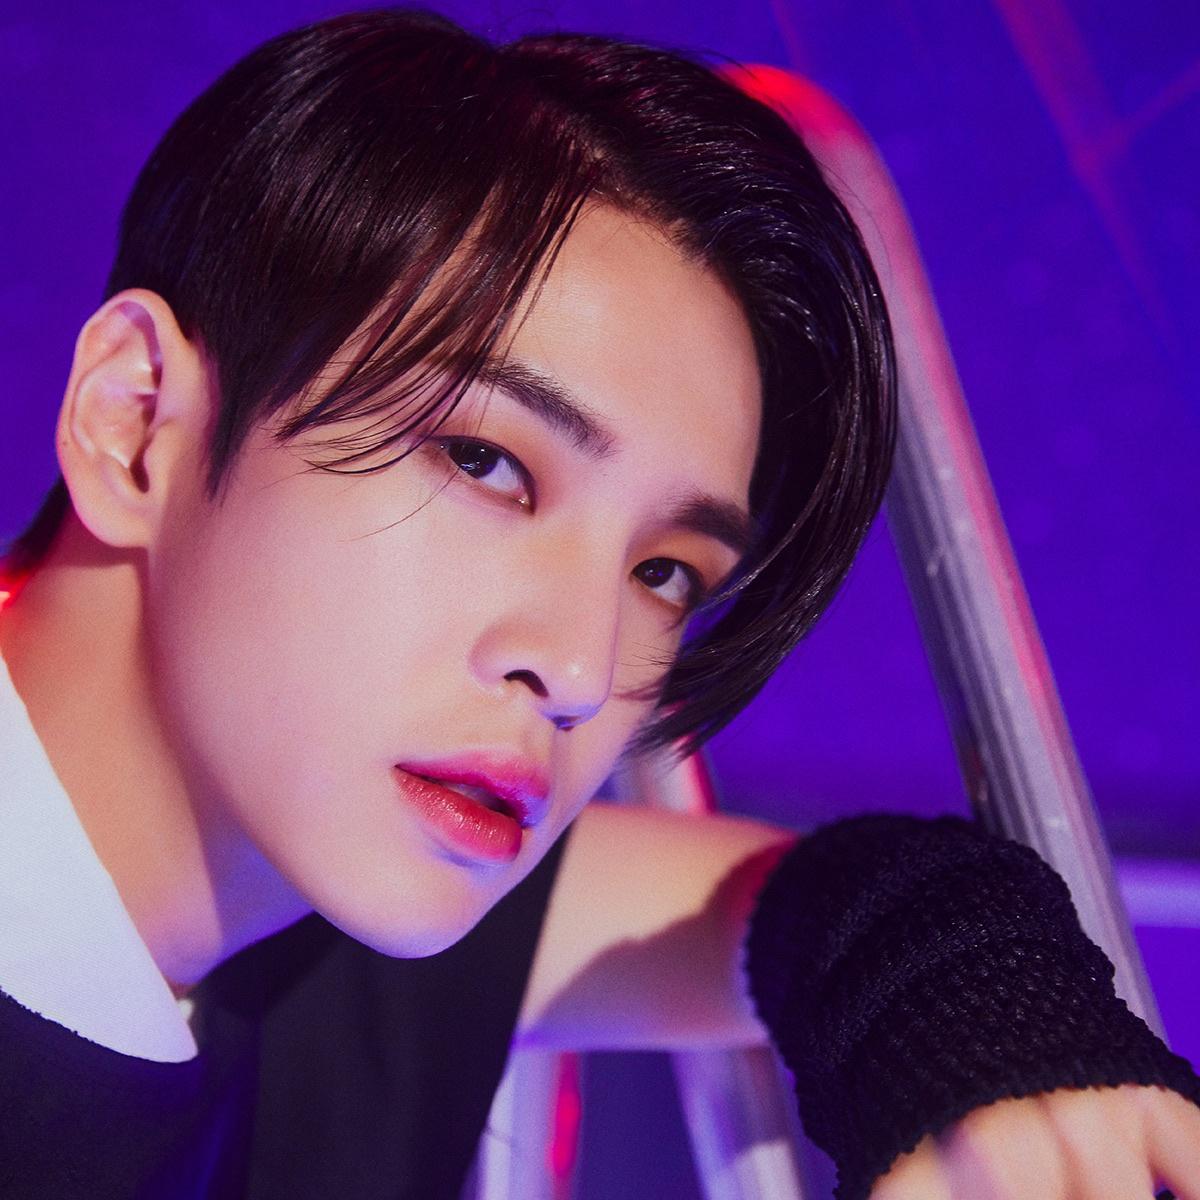 Rapper Hàn xin lỗi vì phát ngôn nhạy cảm